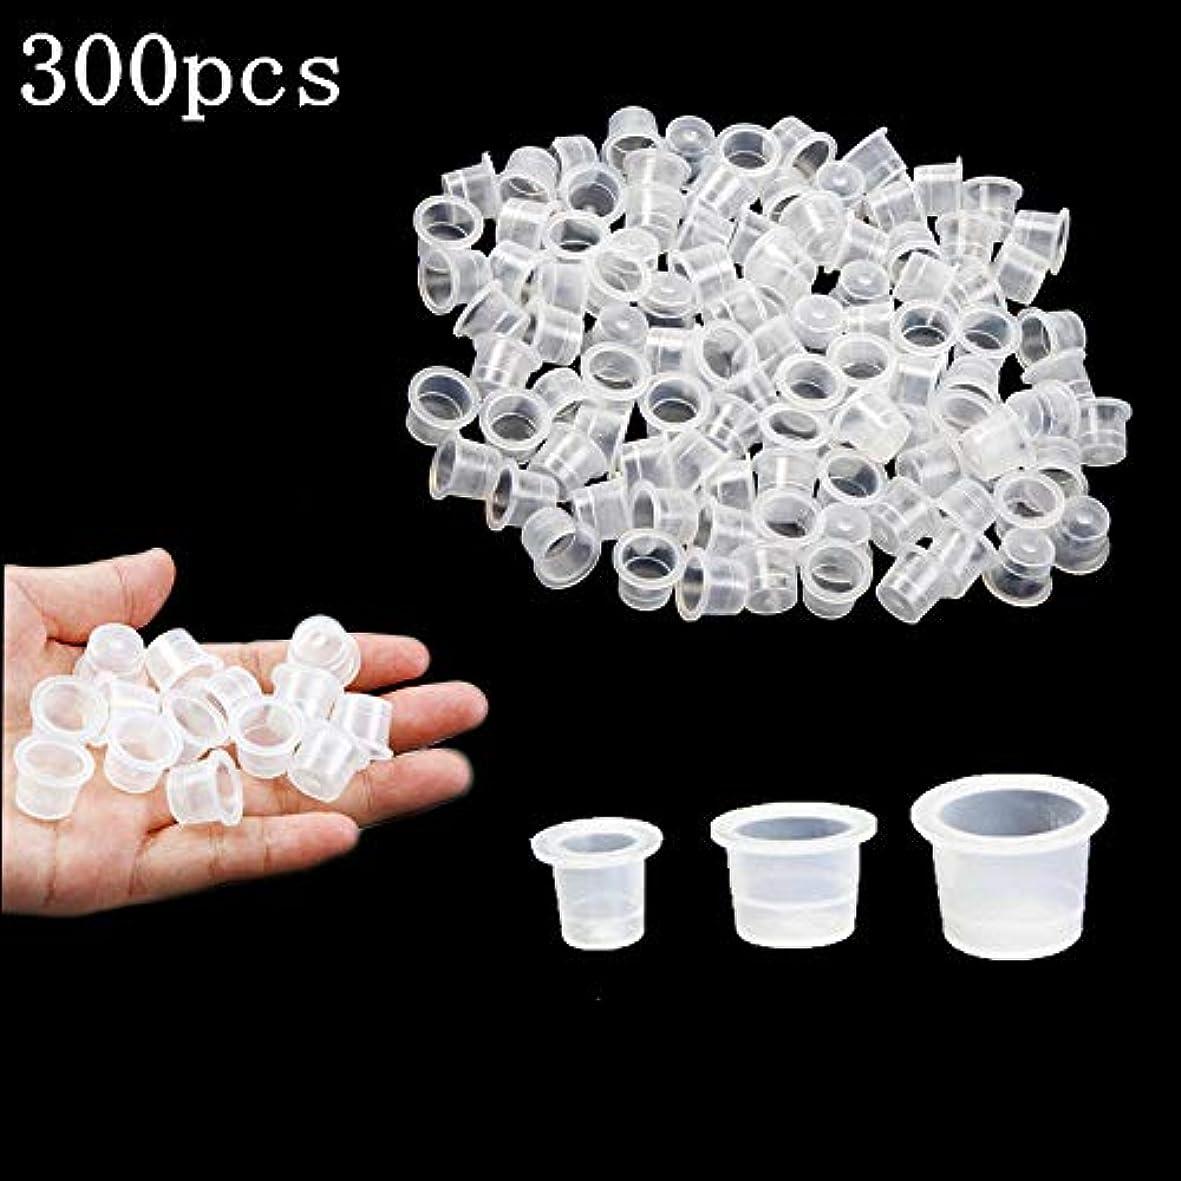 議会密背が高いKingsie インクキャップ 300個セット タトゥーインクカップ 使い捨て ホワイト 半透明 S/M/L